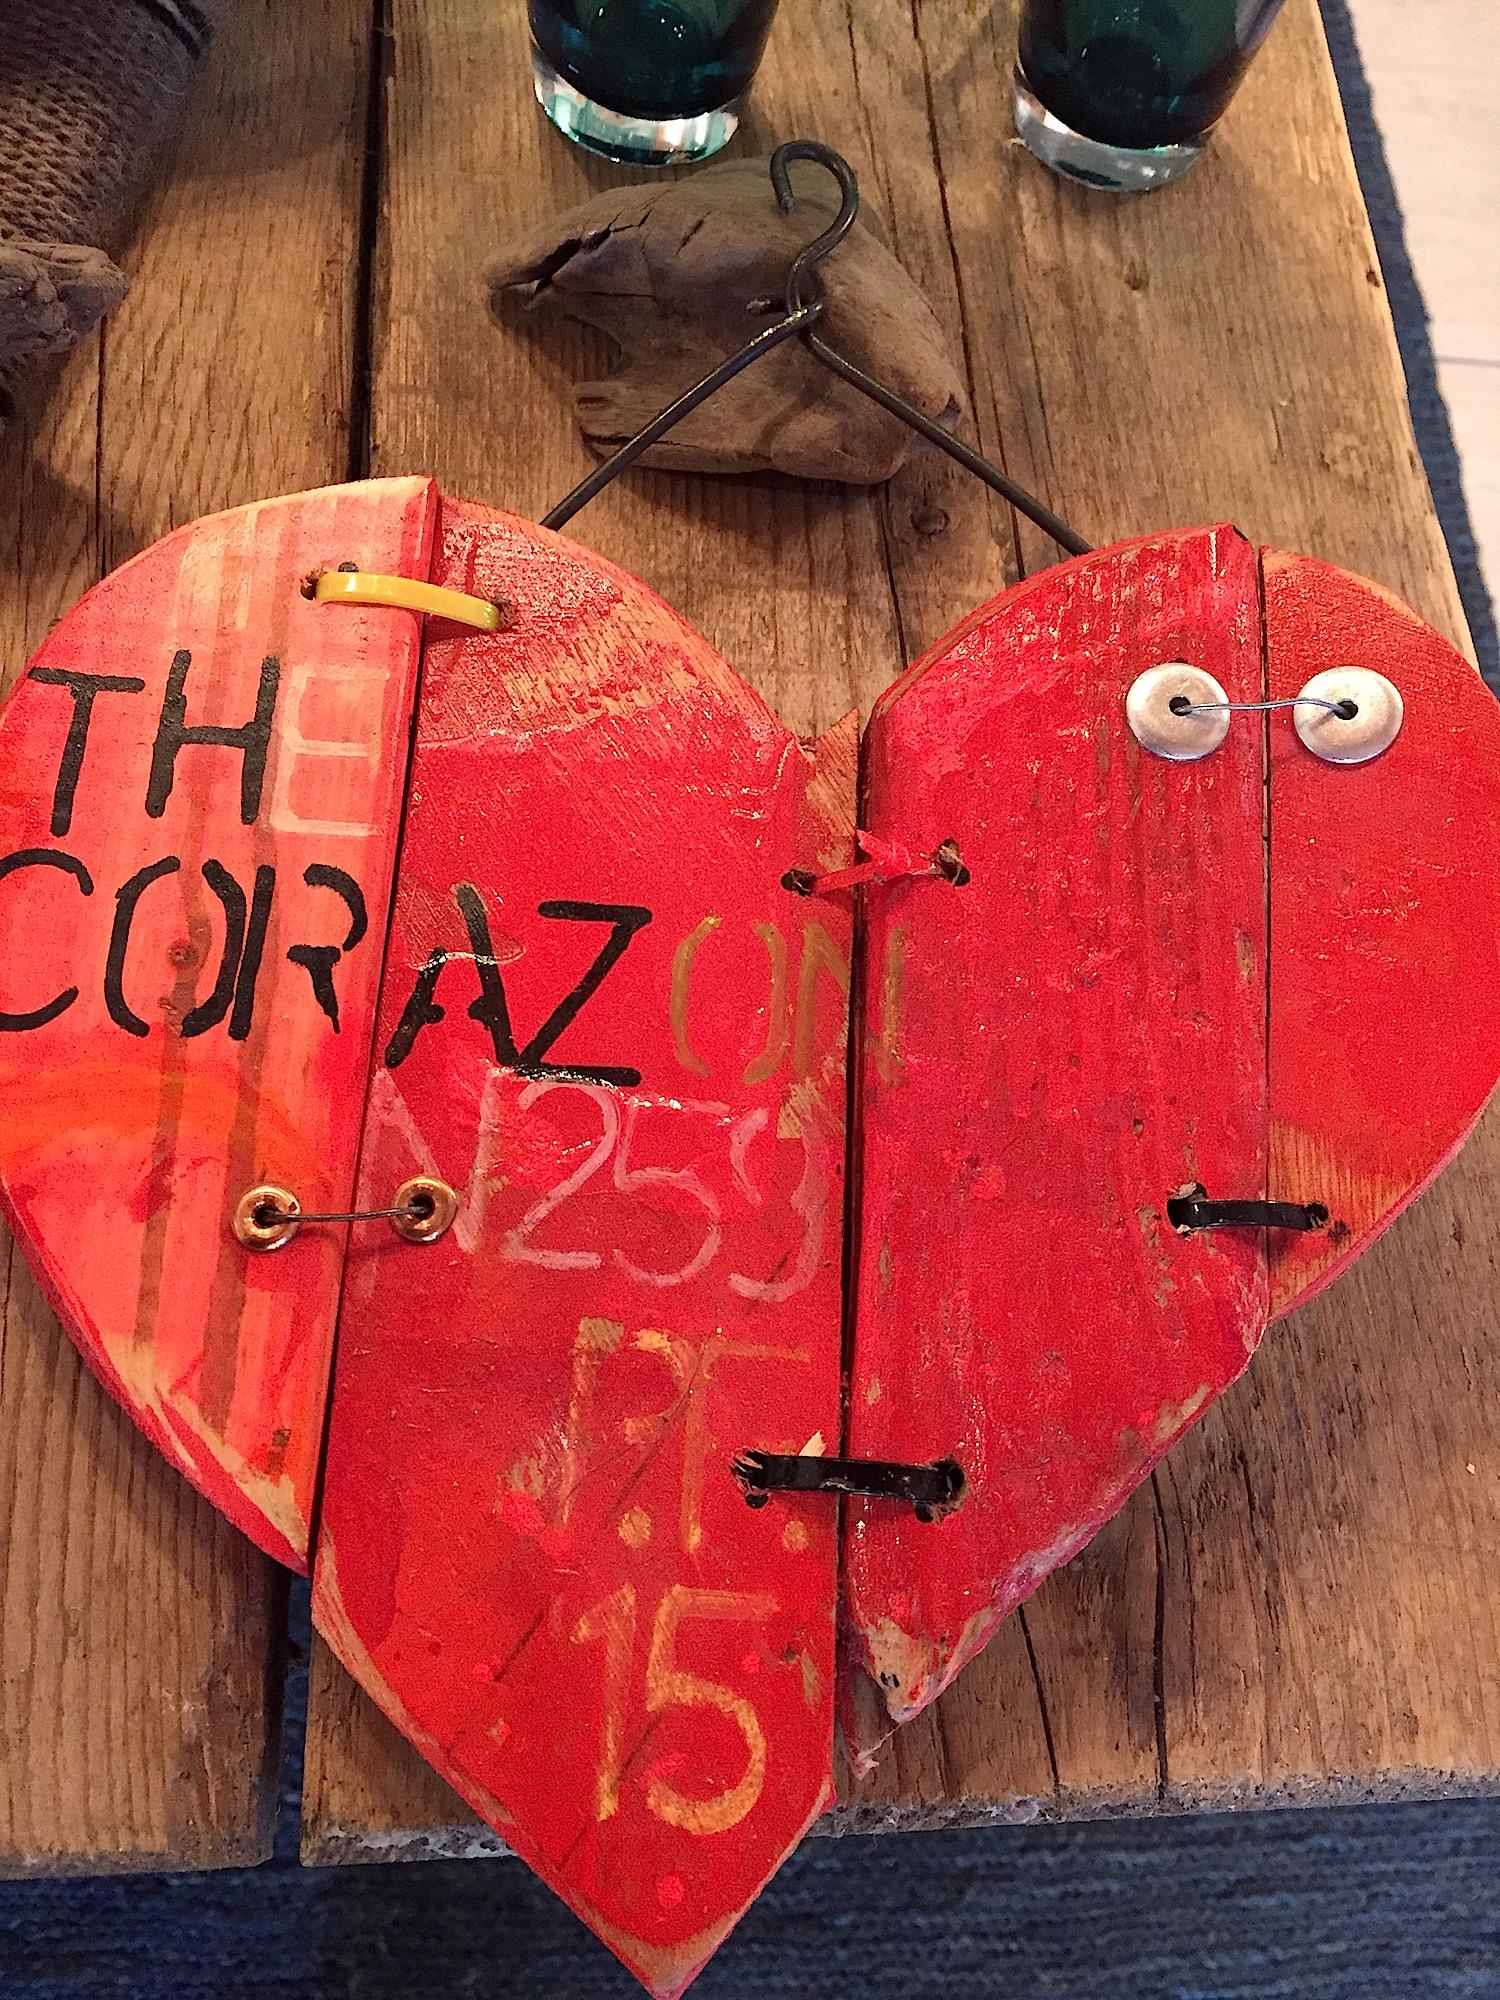 lenastore-casagambarara-artpescefresco-design-rossanapedrali-cuore-the-corazon-n253-p-f-2015-